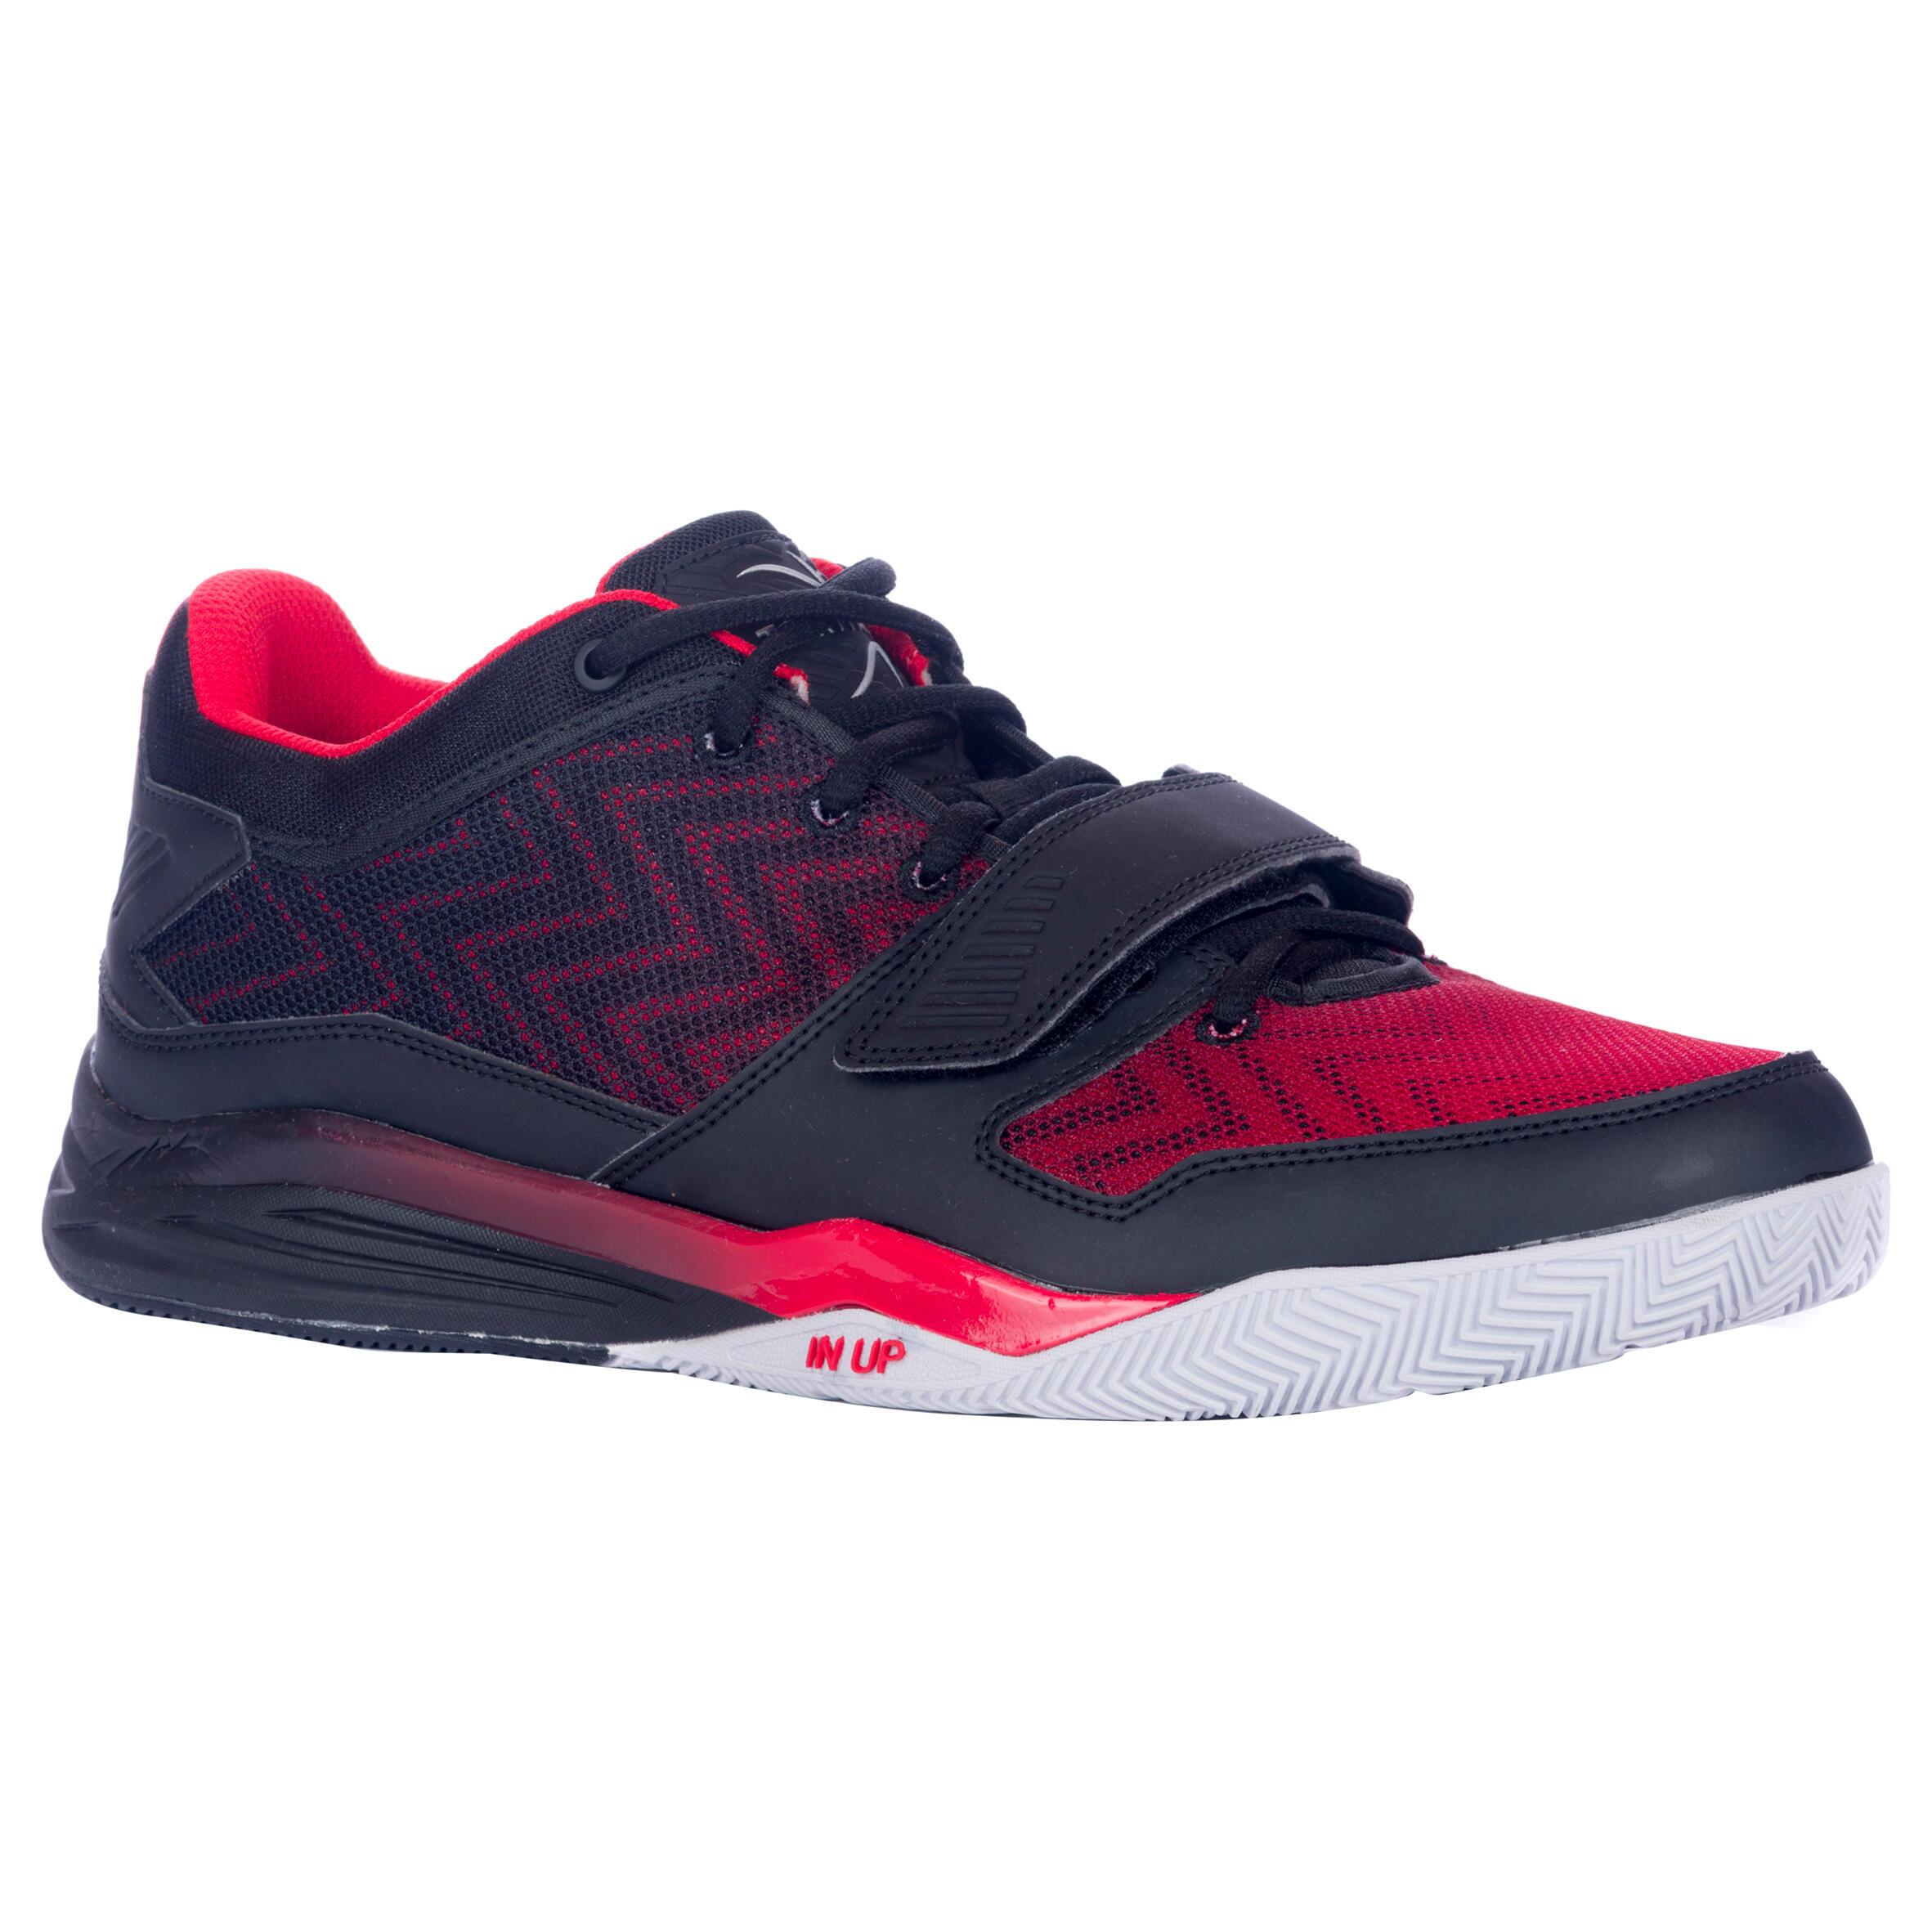 Basketballschuhe Fast 500 kurzer Schaft Erwachsene Fortgeschrittene schwarz/rot | Schuhe > Sportschuhe > Basketballschuhe | Tarmak